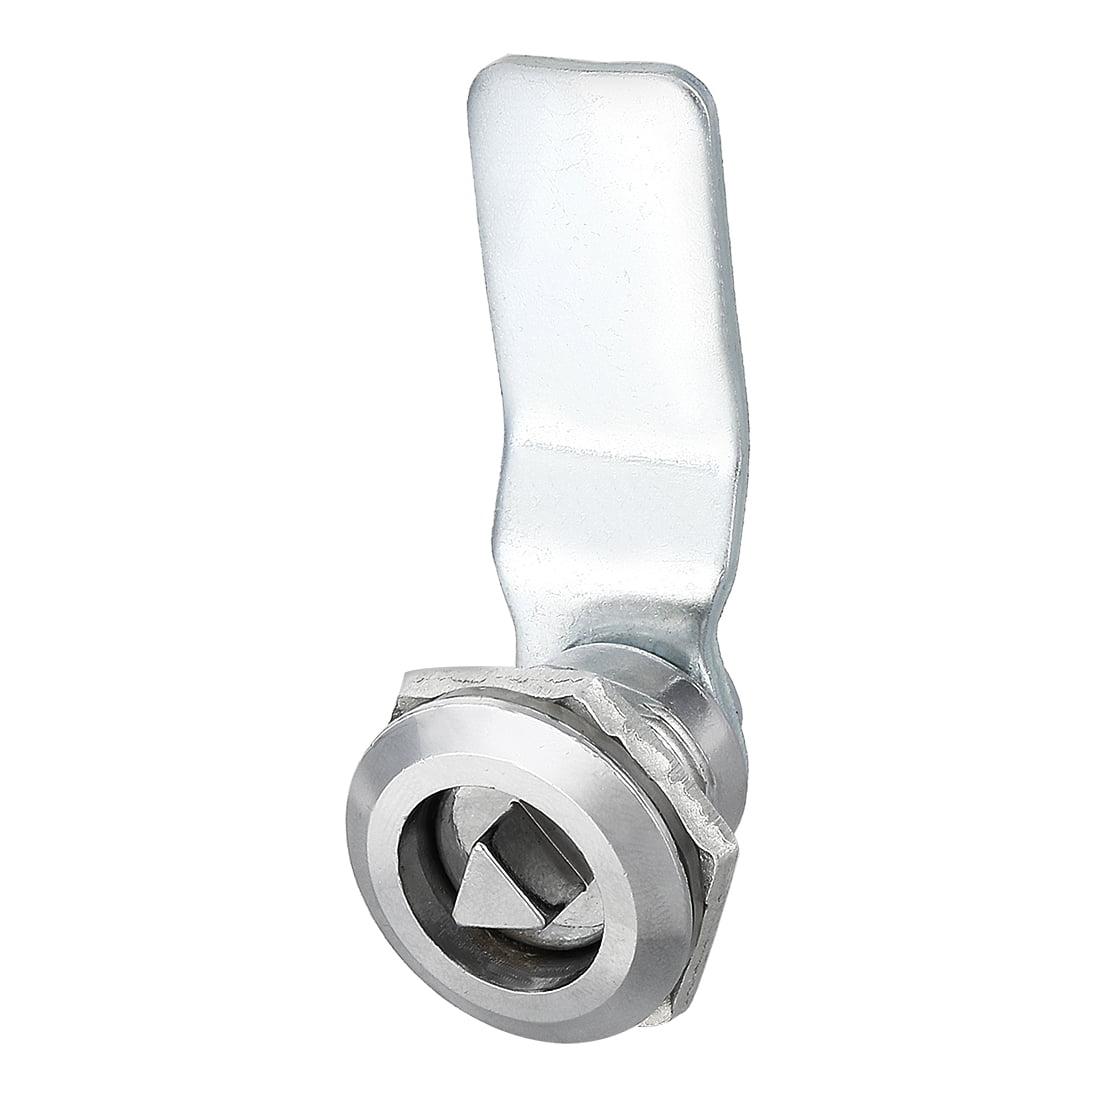 78mm Long 13mm Dia 9mmx2mm Trou Zinc Alliage Triangle /Électrique Cabinet Cl/é